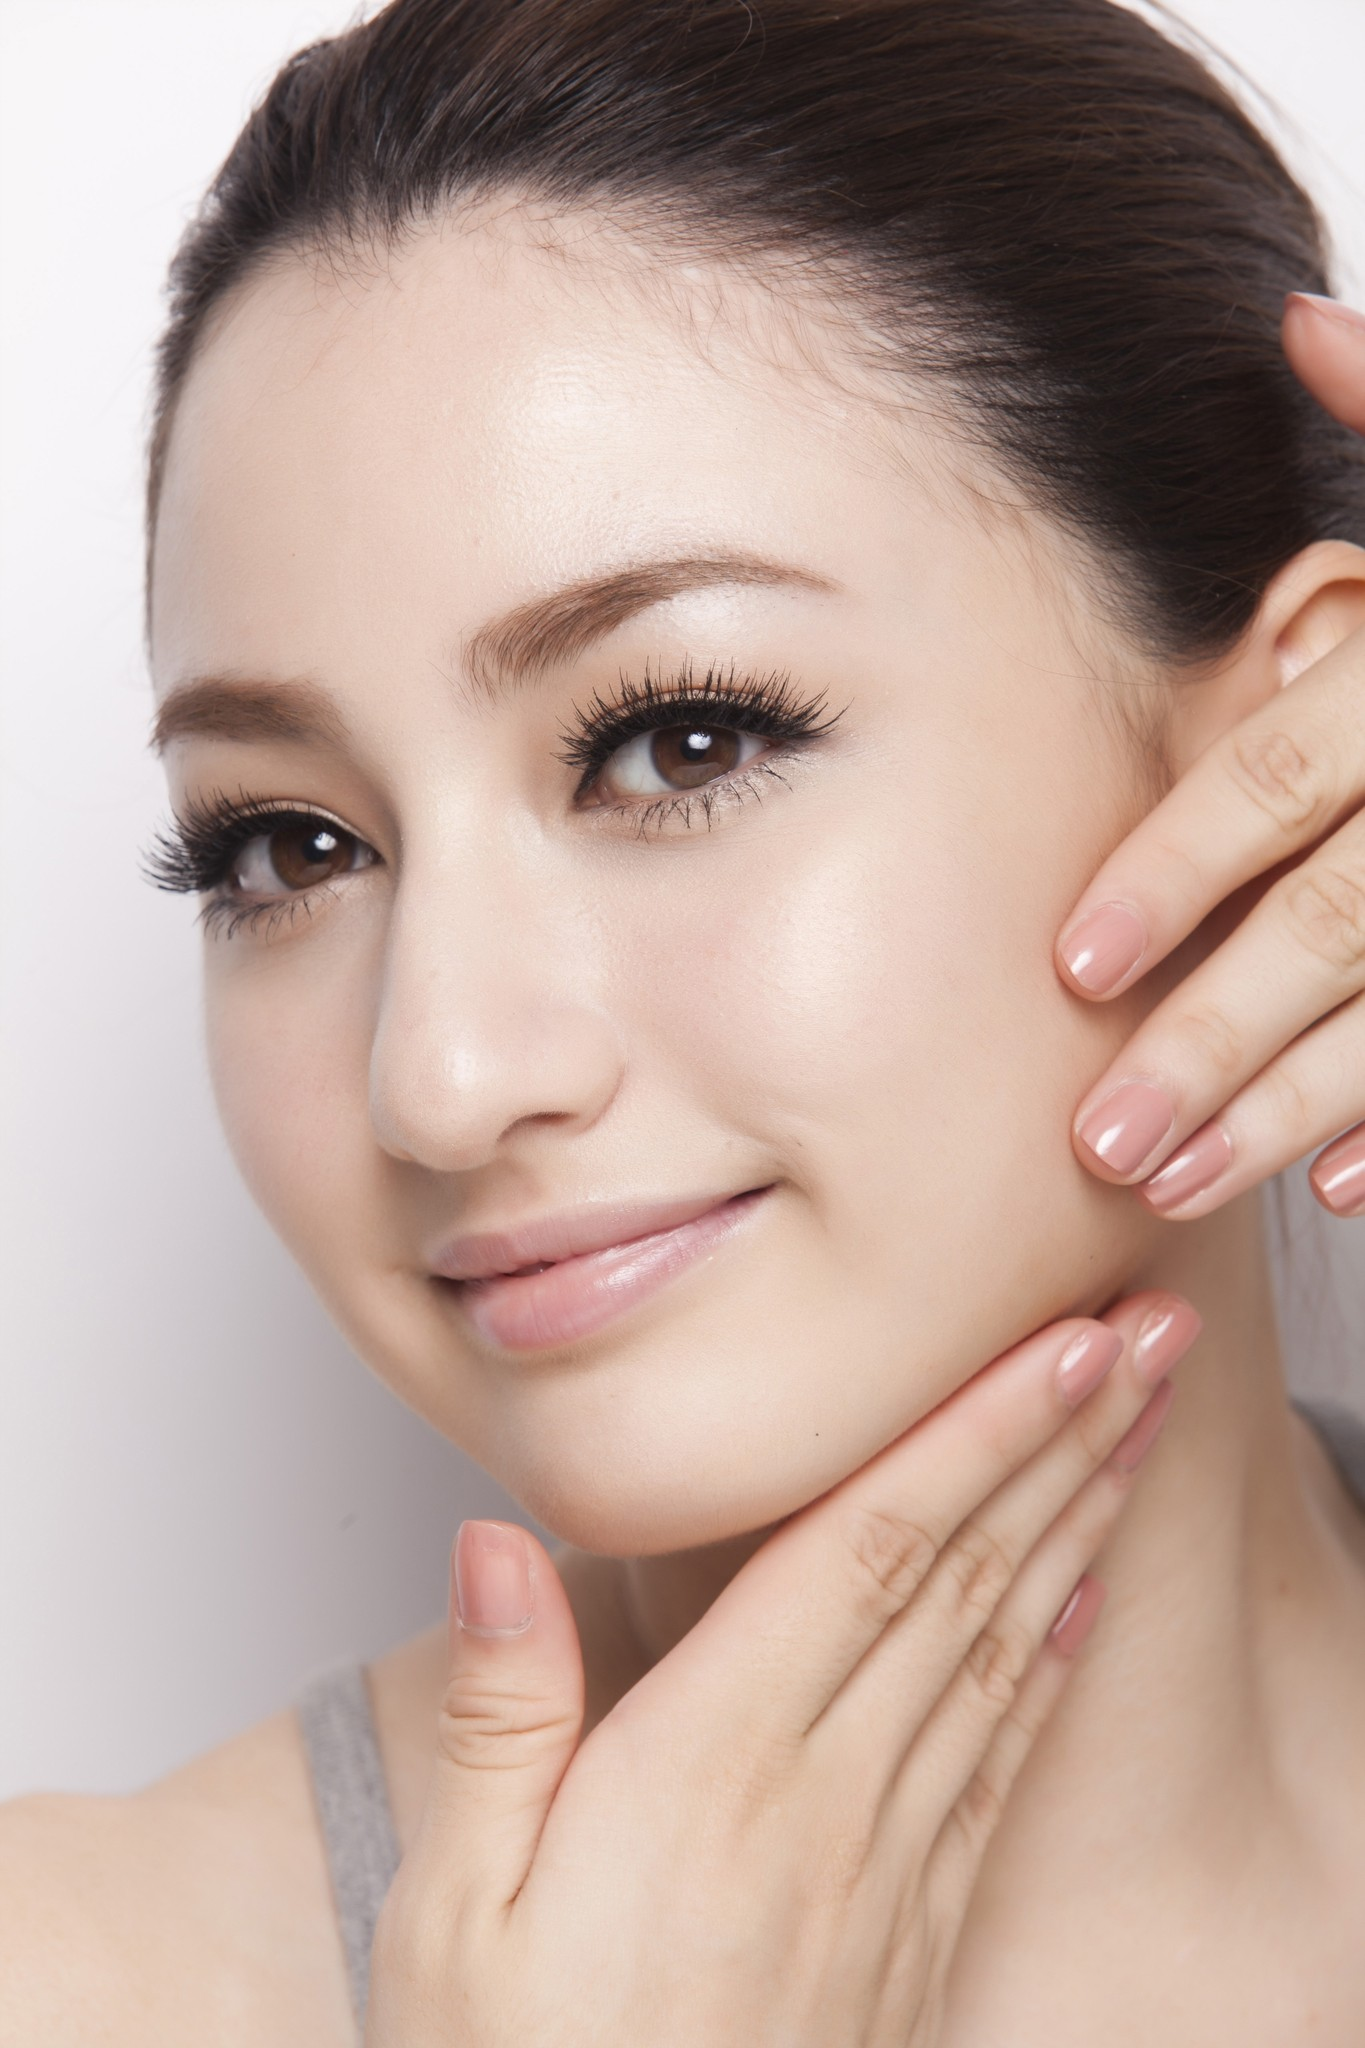 Menggunakan Sunscreen Untuk Melindungi Kulit Wajah Anda